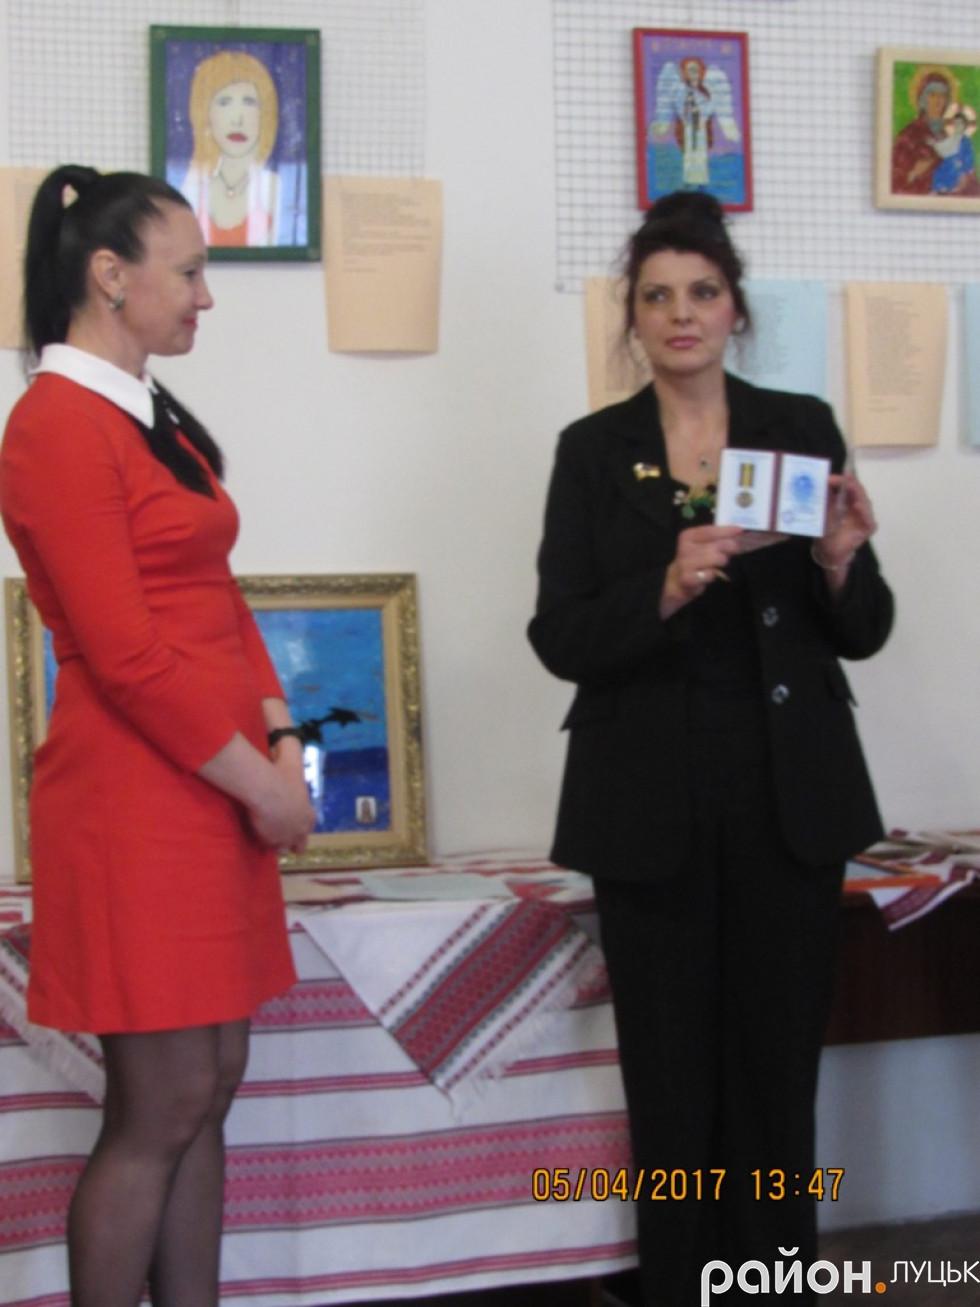 Волонтерка Iрина Захарченко нагороджує народною медаллю волонтерку Iнну Голдованську